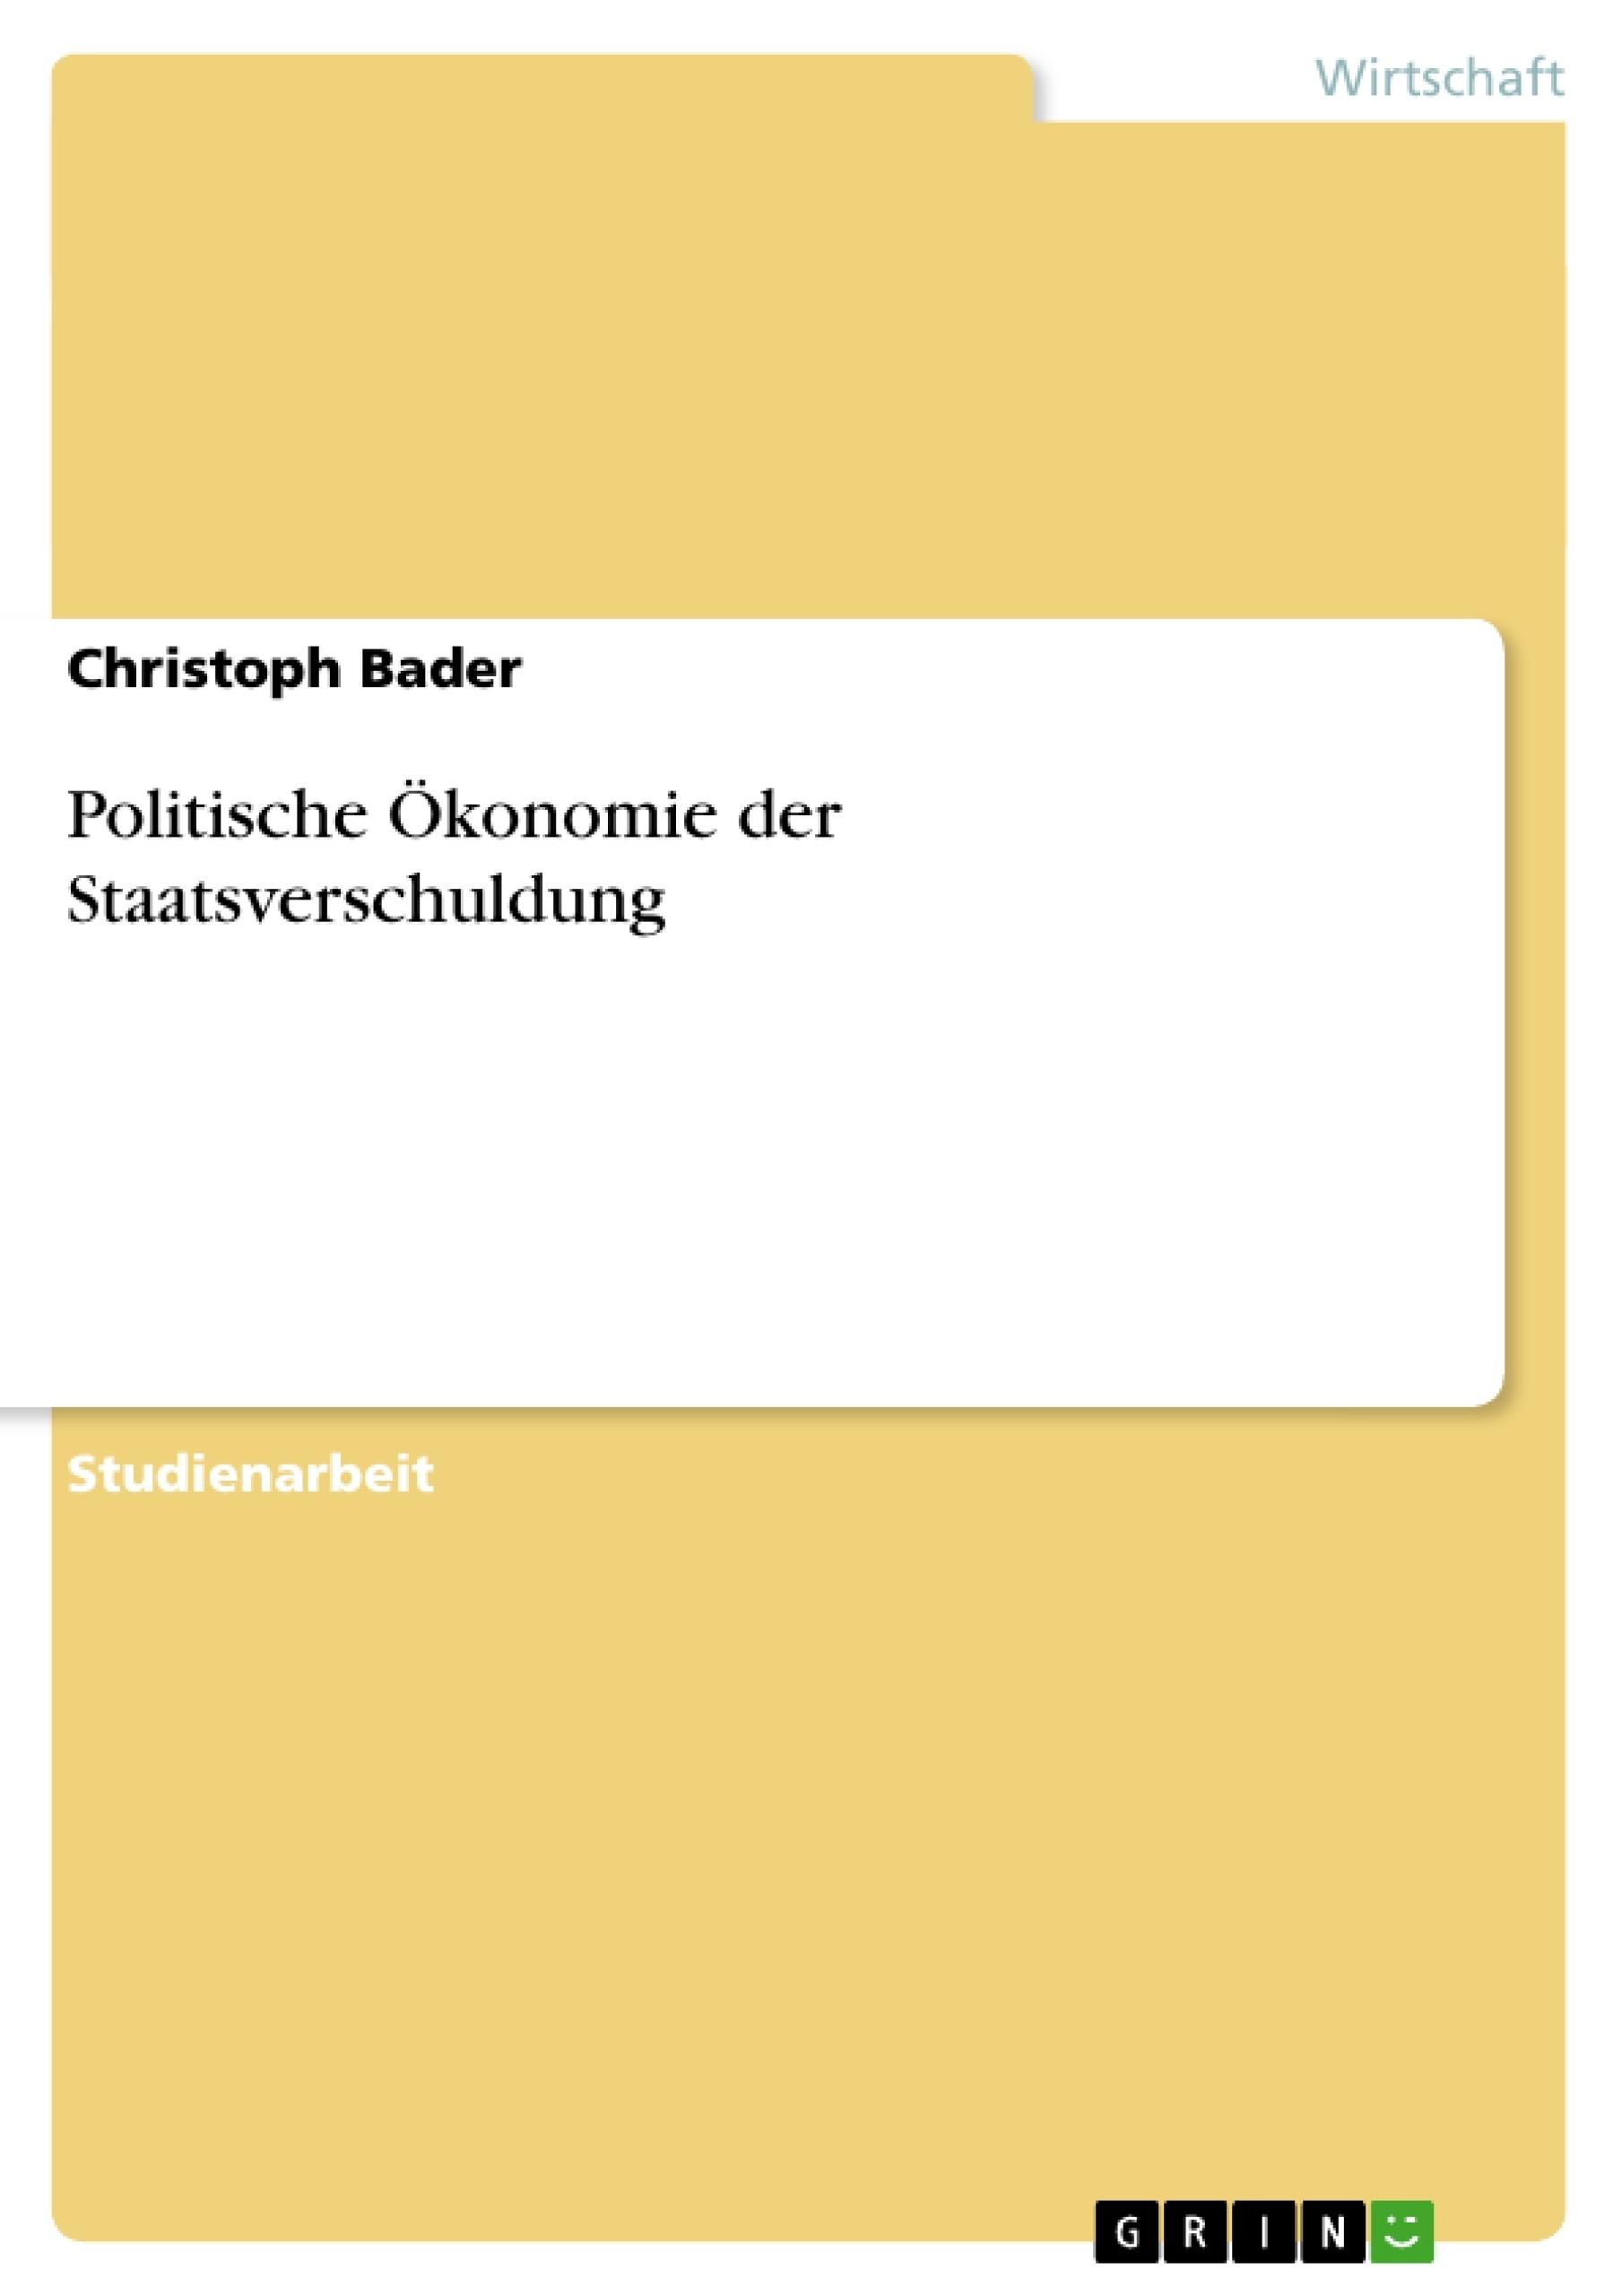 Titel: Politische Ökonomie der Staatsverschuldung